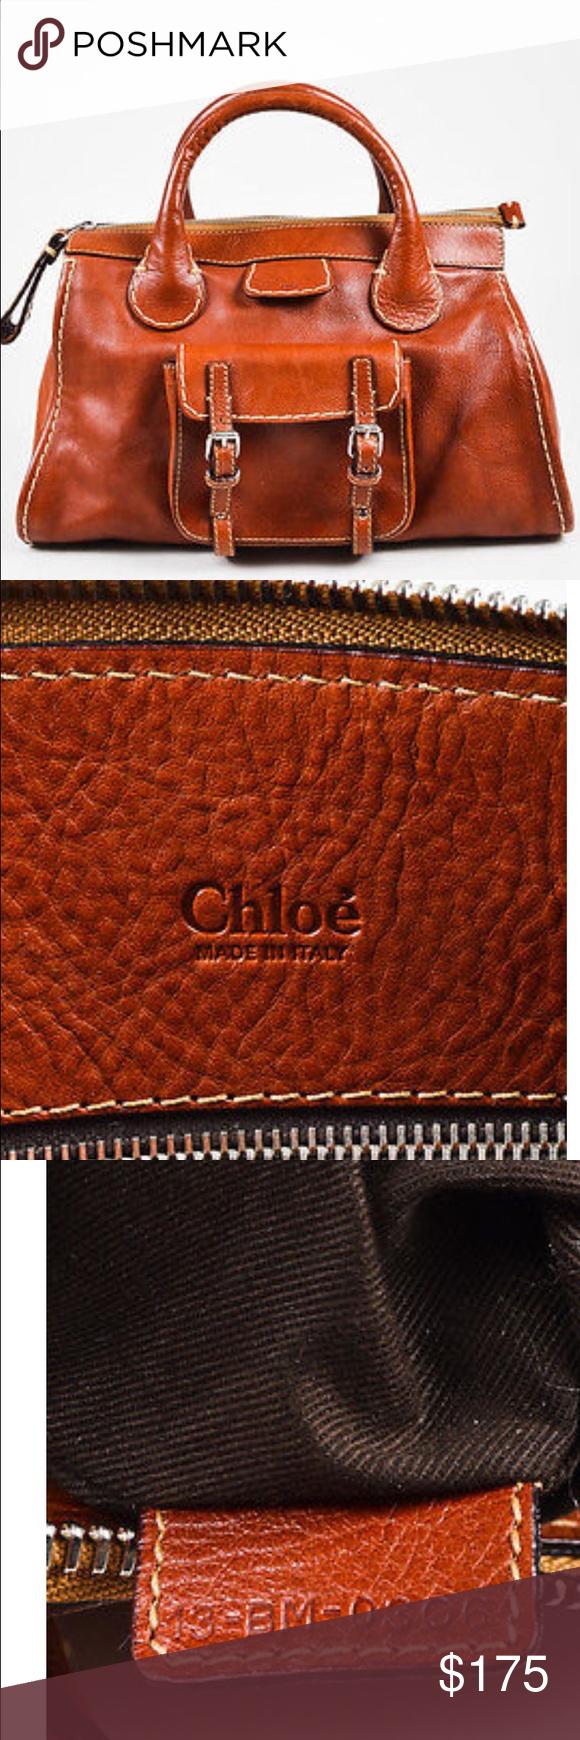 382b1ddbfb2 Authentic Chloe Cognac